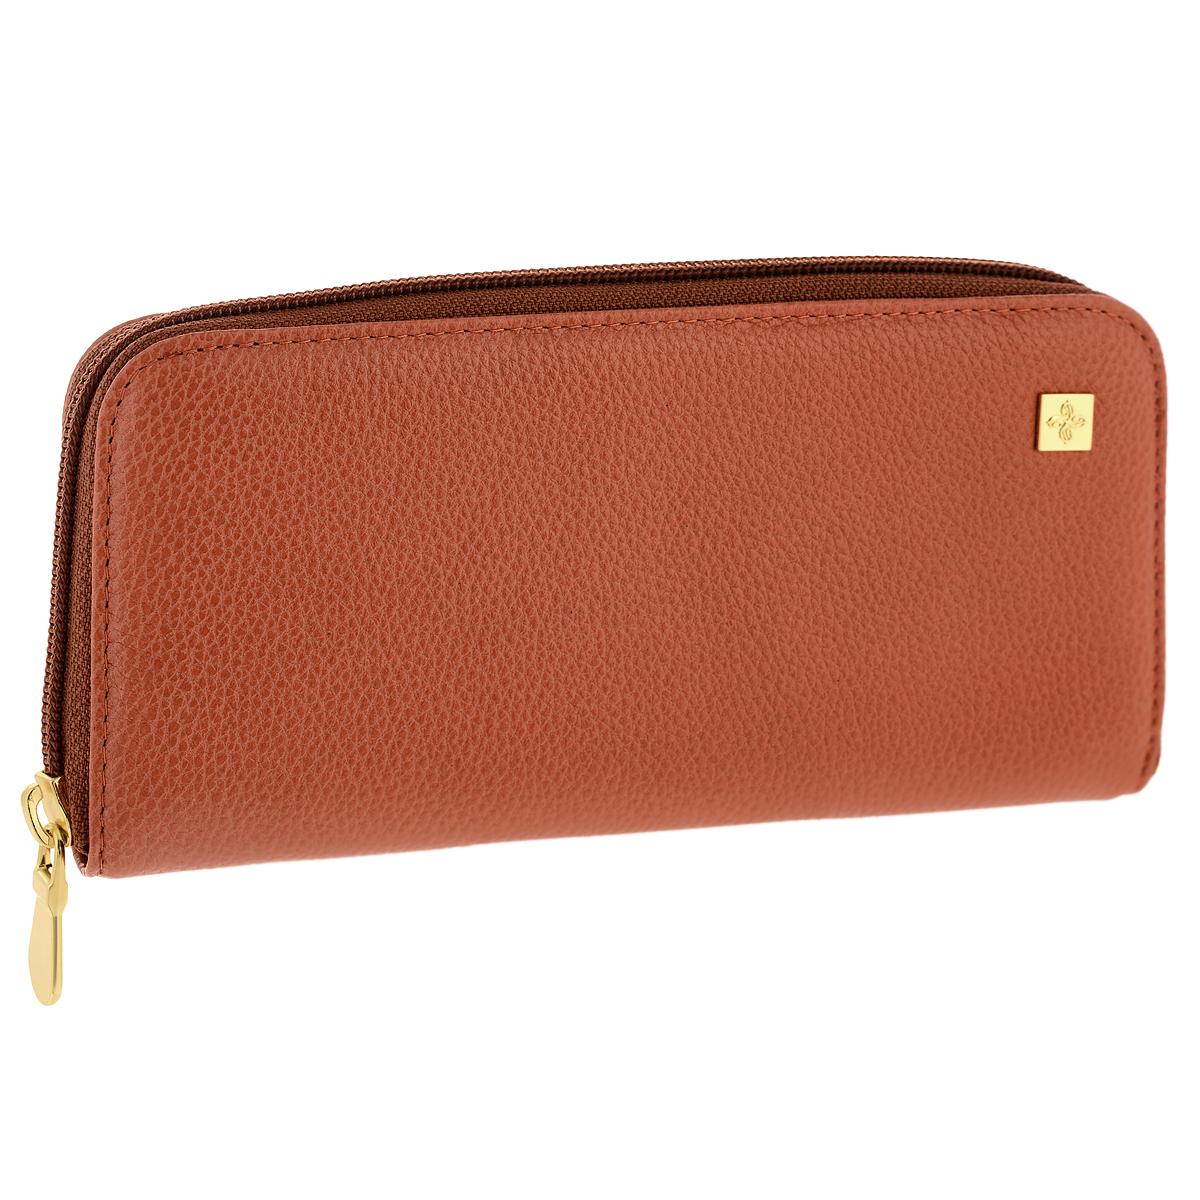 Портмоне женское Dimanche Corail, цвет: коралловый. 946946Стильное женское портмоне Corail выполнено из высококачественной натуральной кожи с матовой поверхностью. Портмоне закрывается на застежку-молнию. Внутри - четыре отделения для купюр, шесть кармашков для визиток, карман на молнии для монет, горизонтальный карман для чеков и бумаг, вшитый кармашек на молнии и шесть кармашков для визиток или кредитных карт. Портмоне упаковано в фирменную картонную коробку. Характеристики: Материал: натуральная кожа, текстиль, металл. Размер портмоне: 19 см х 8,5 см х 2,5 см. Цвет: коралловый.